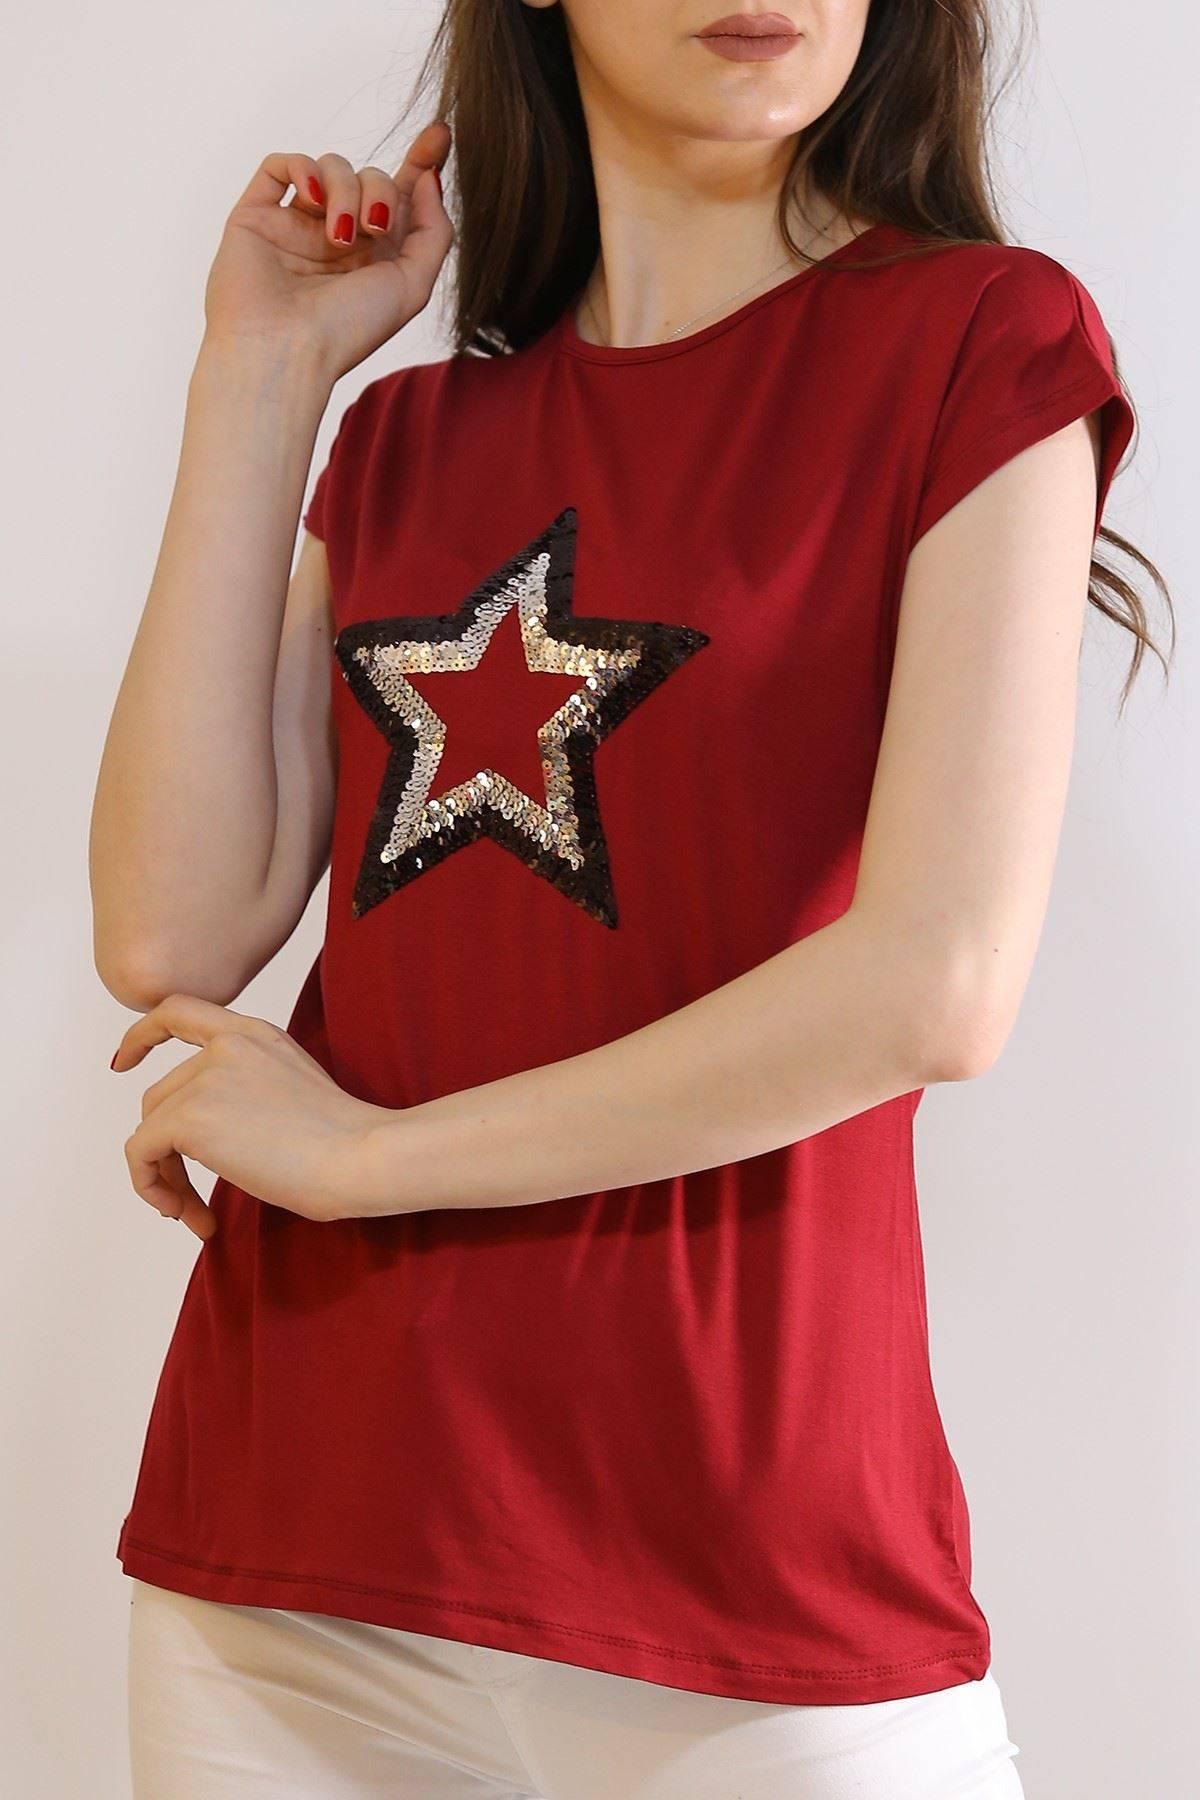 Pullu Yıldız Tişört Bordo - 5031.139.